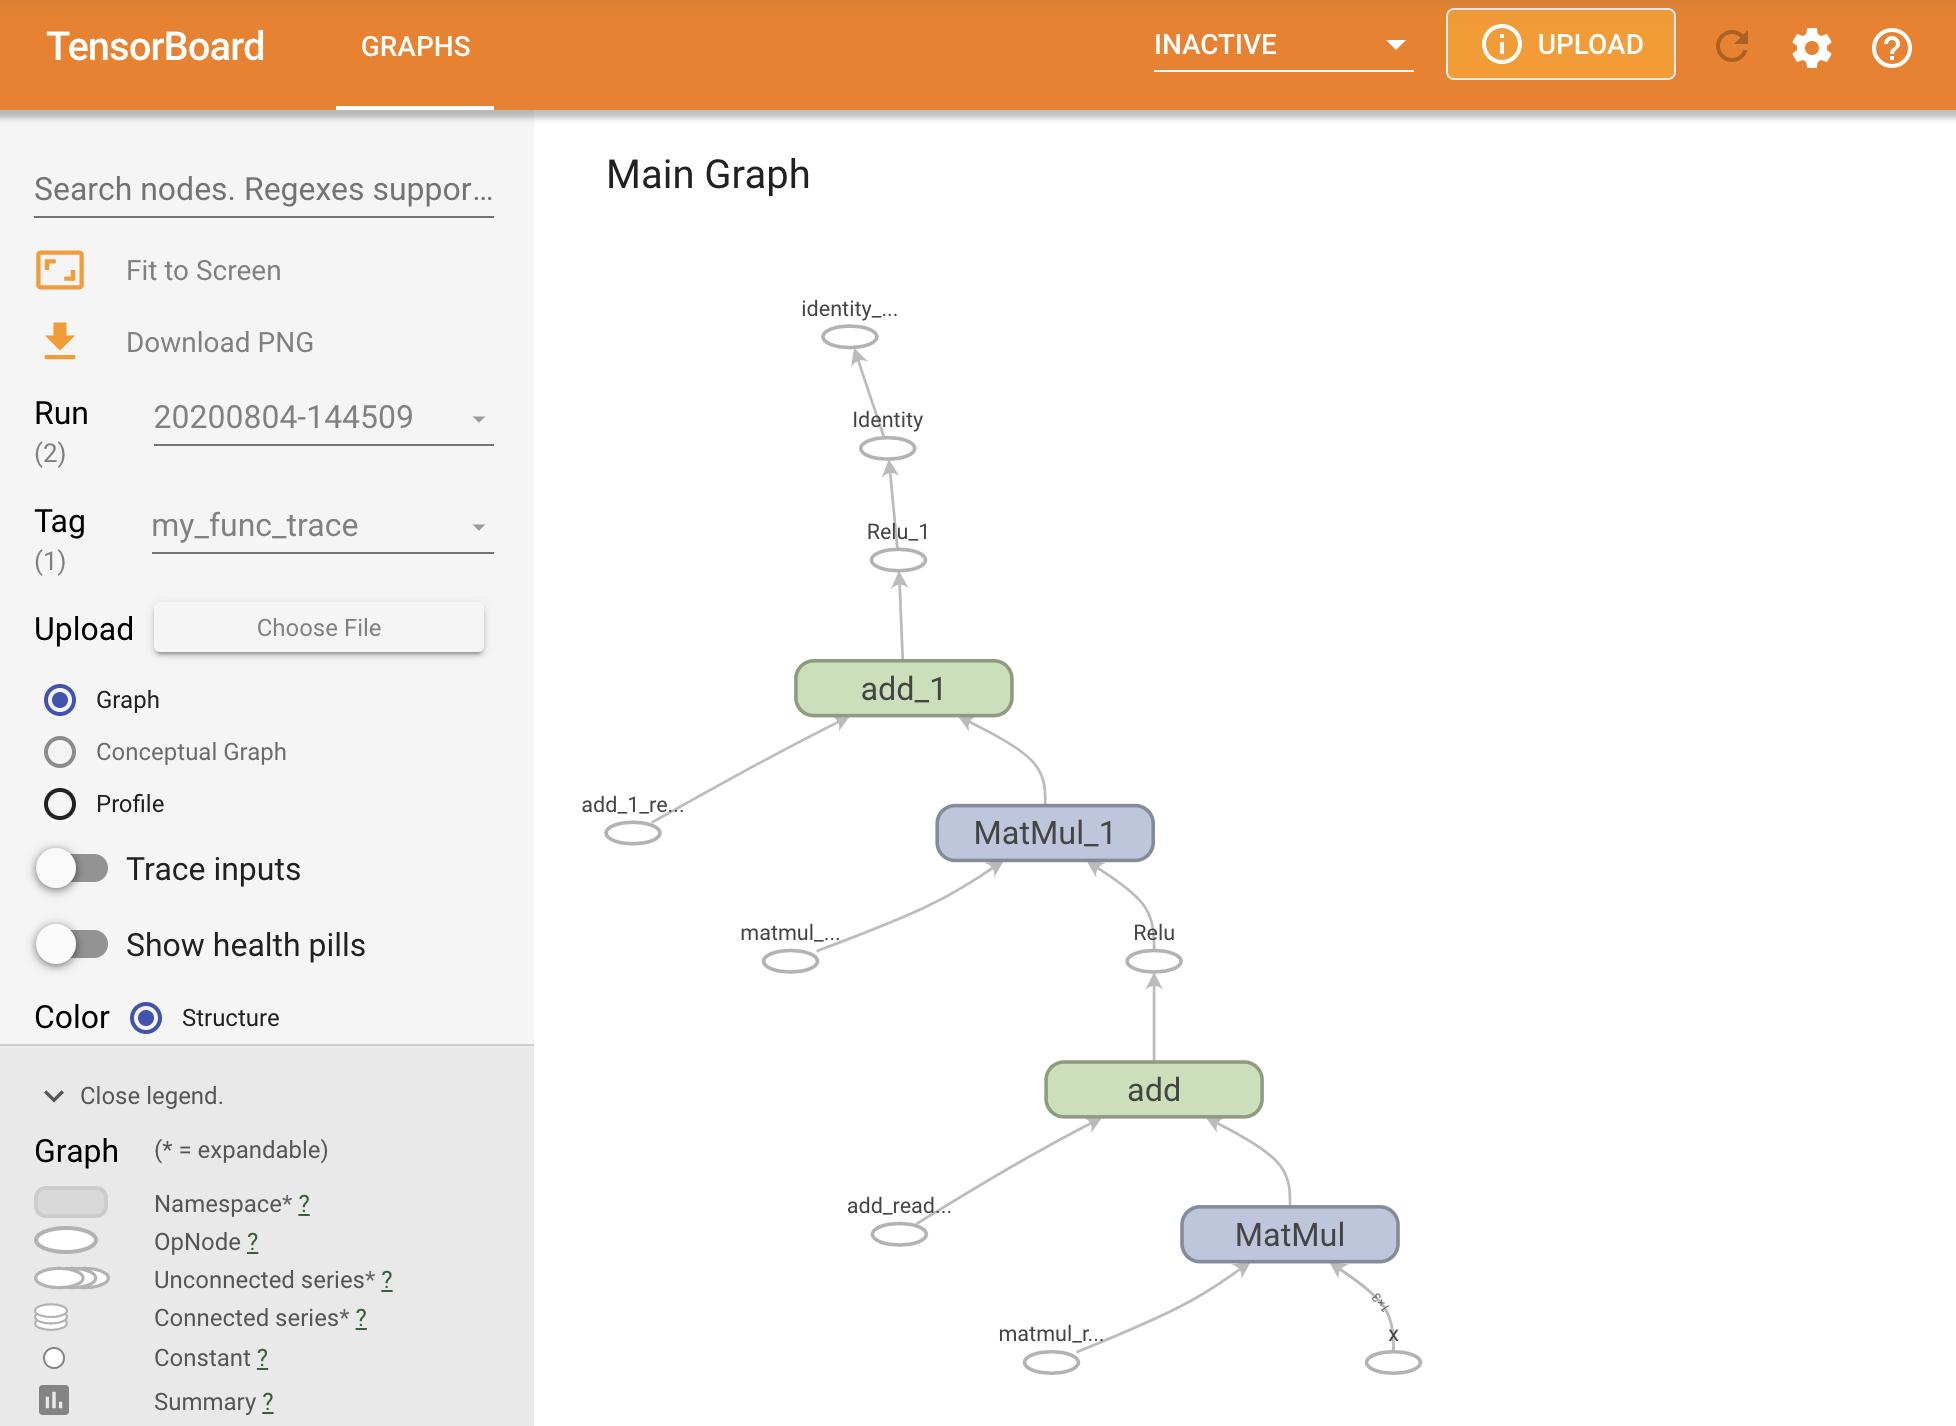 Zrzut ekranu wykresu w TensorBoard